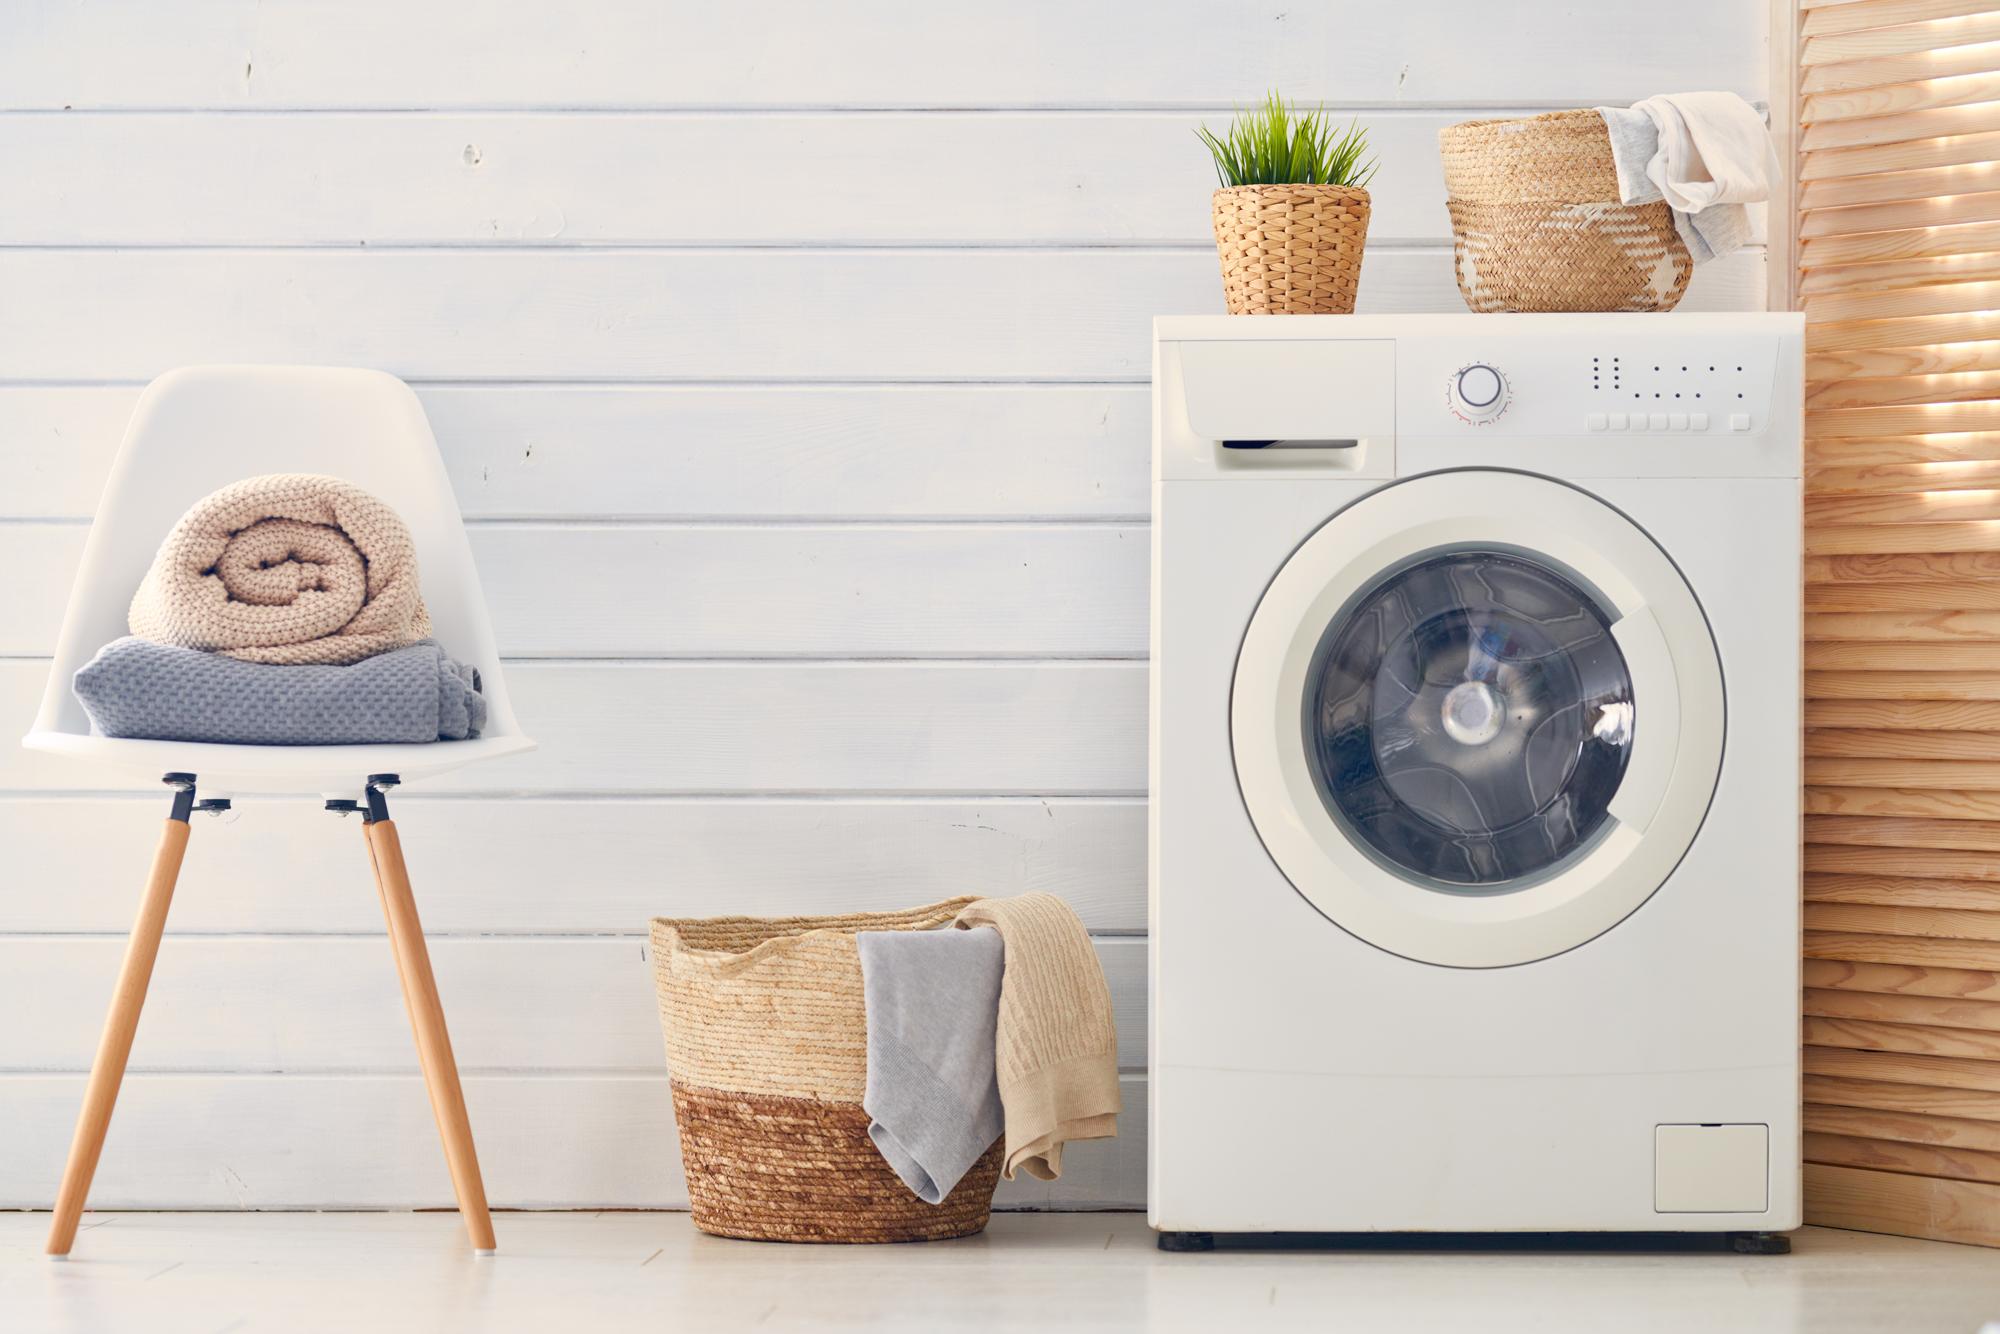 ノロウイルスによる嘔吐で汚れた衣服を普通に洗濯してしまった!正しい洗濯方法とは?